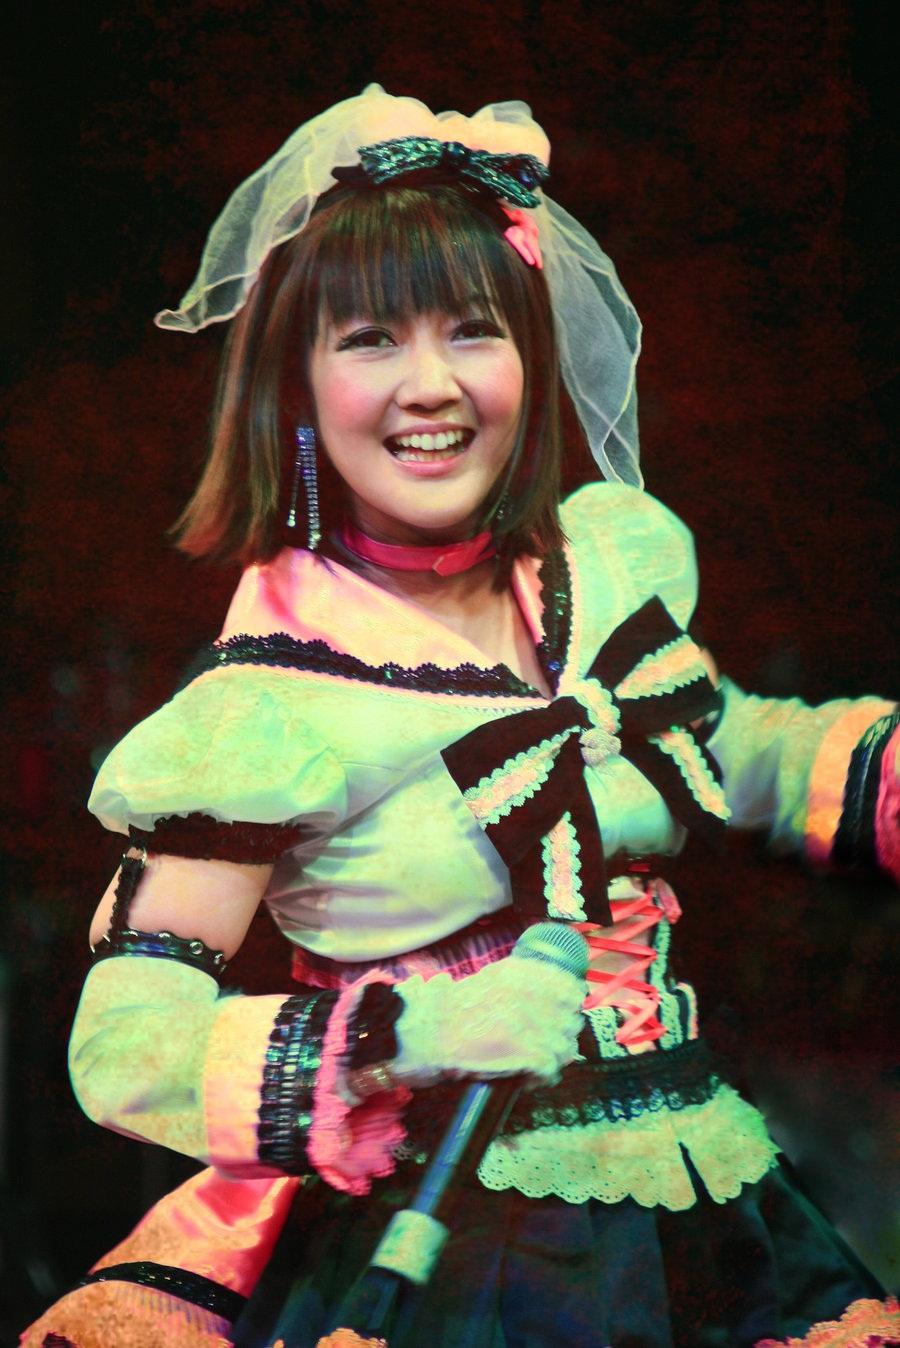 Seiyuu japonesa HALKO MOMOI 桃井はるこ en concierto en COSTA RICA!